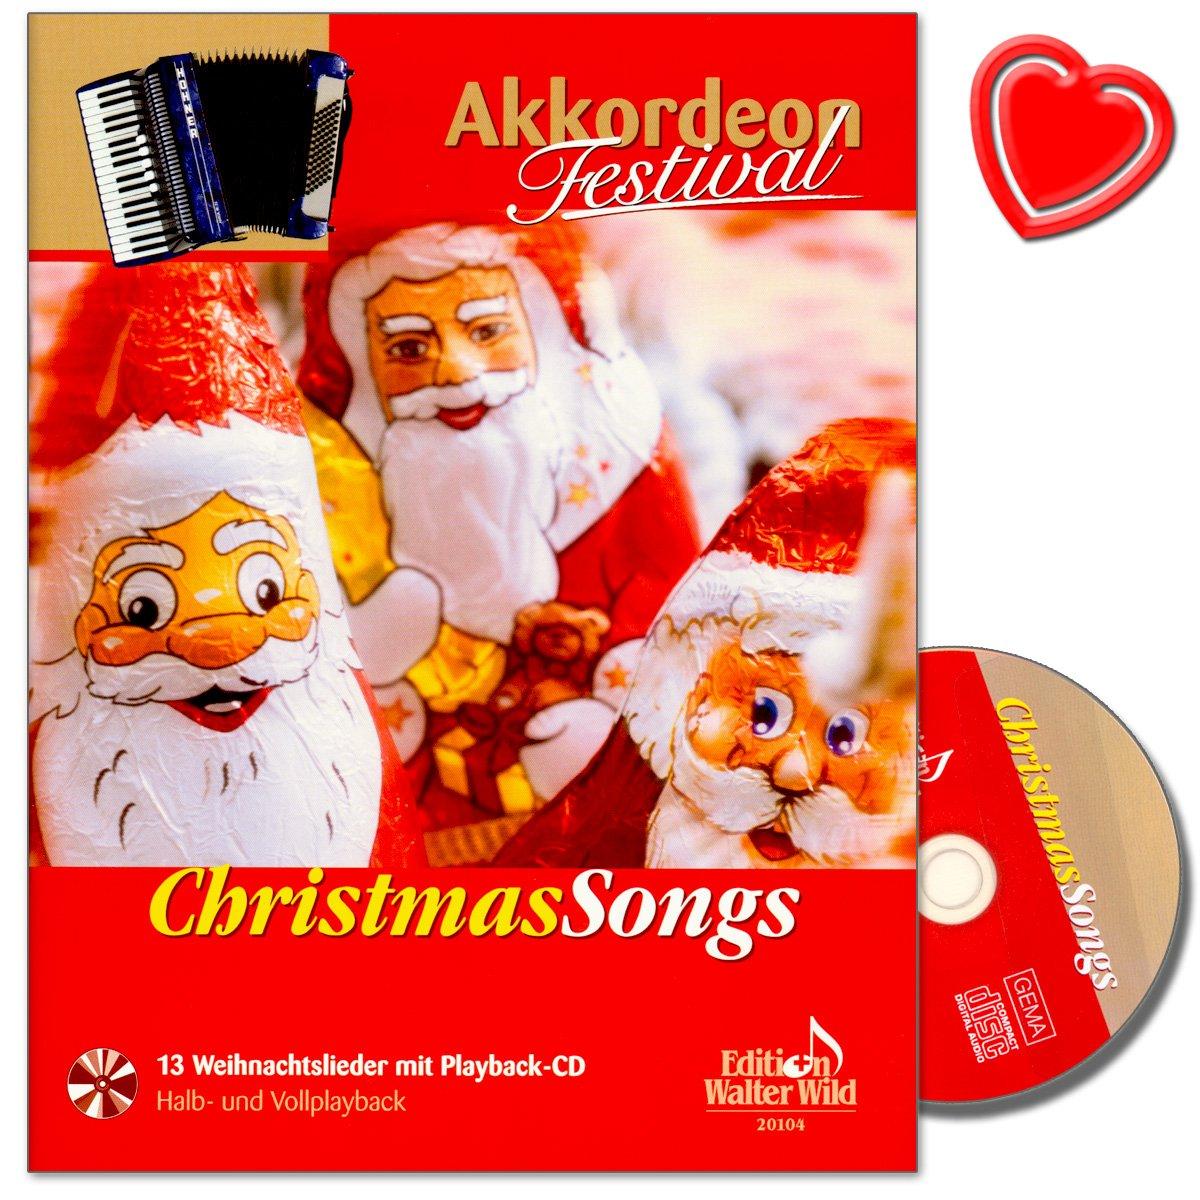 Christmas Songs–Accordéon Festival–13poppige chansons de Noël avec lecture CD–herausgeber Arturo himmer–(avec cœur Note colorée Pince)